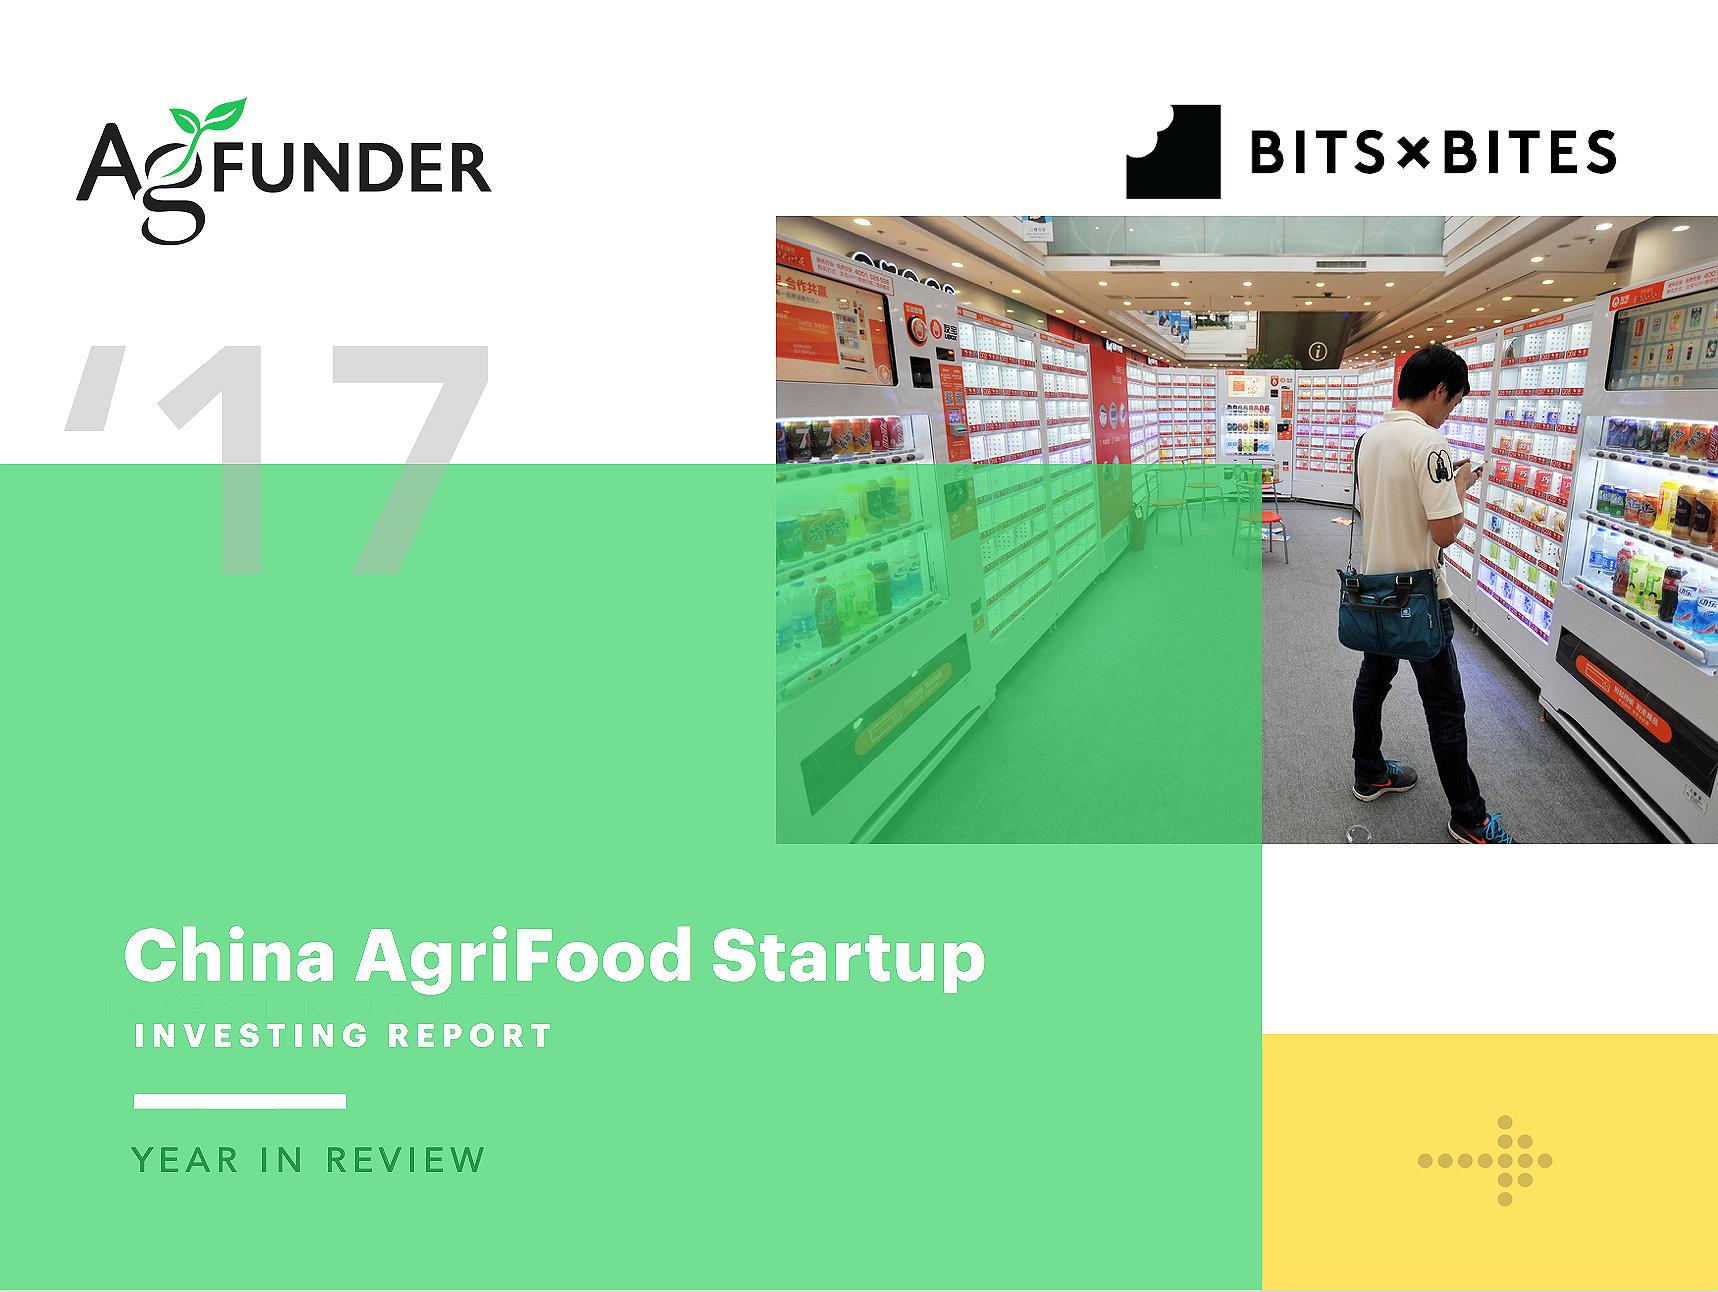 中国农业食品初创企业投资报告